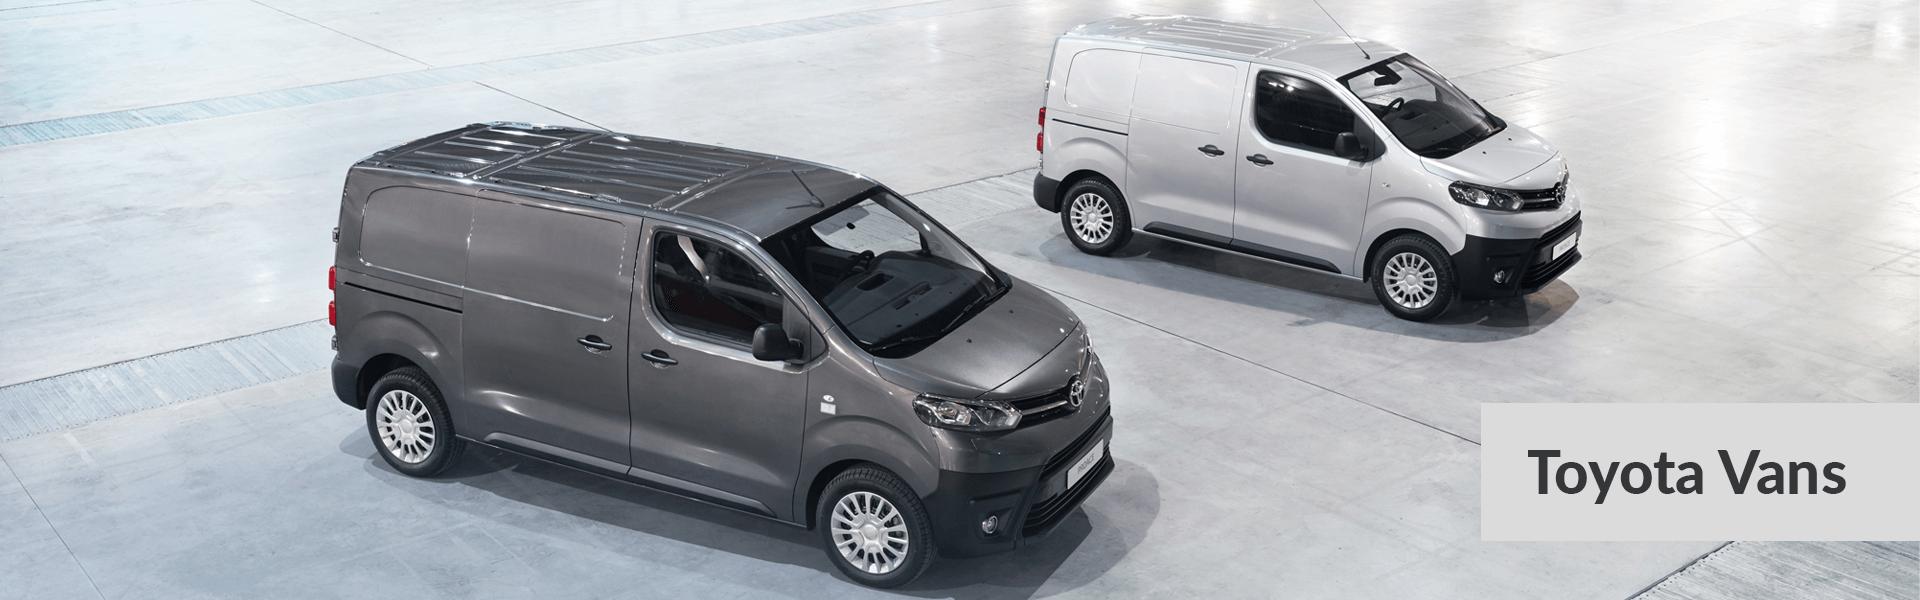 Toyota Vans Desktop